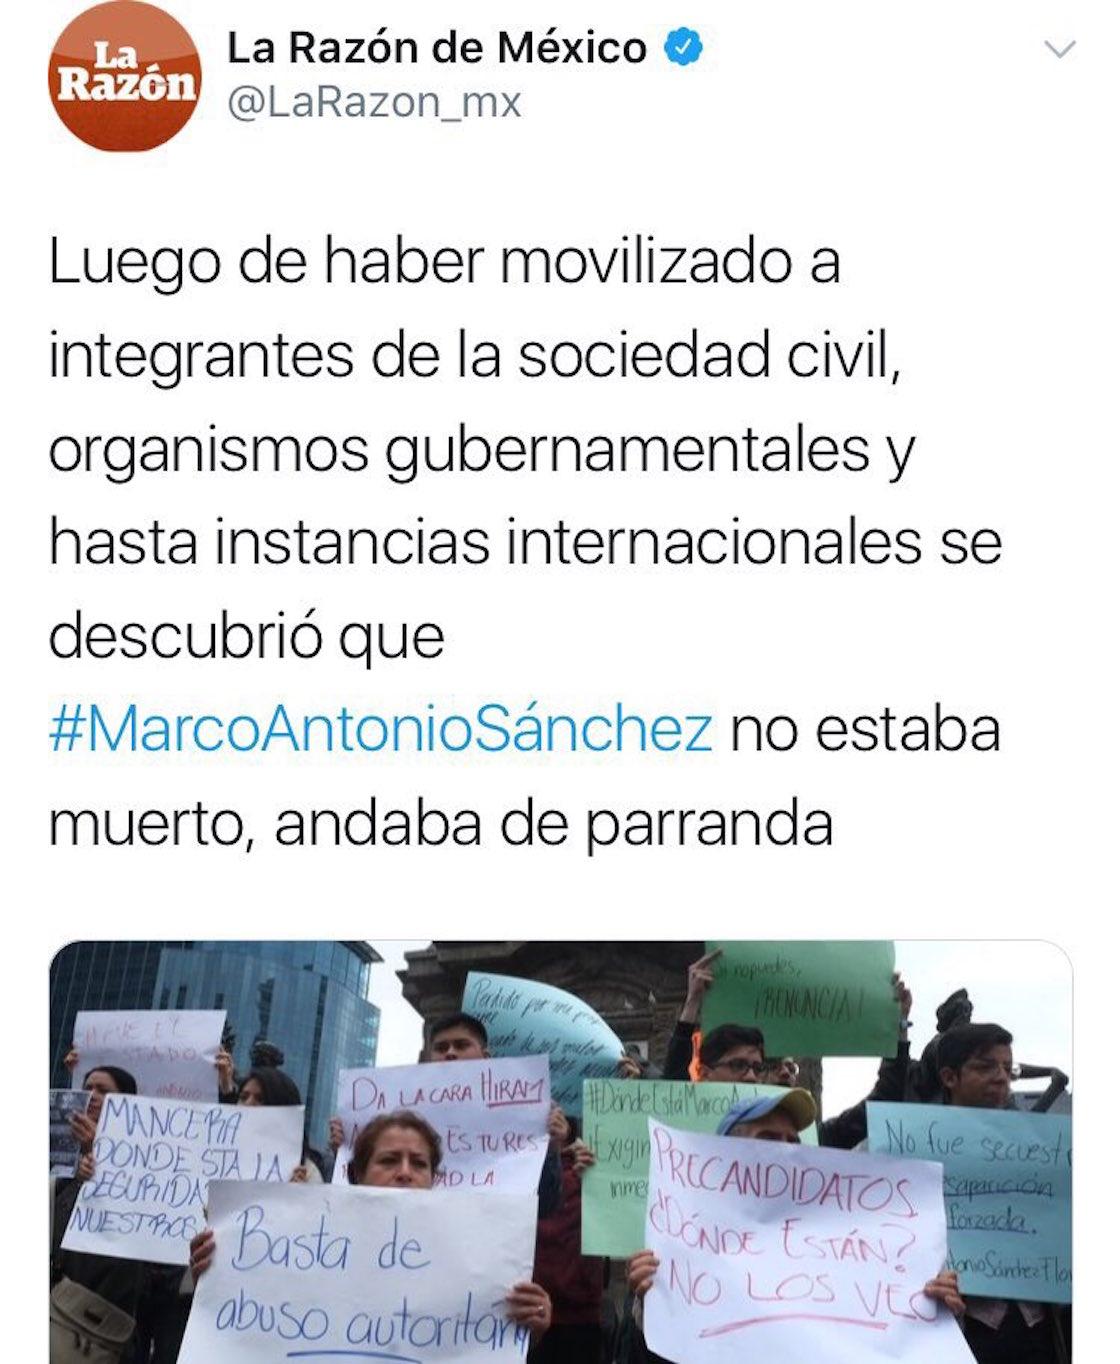 """El diario La Razón publicó que el joven Marco Antonio Sánchez Flores """"no estaba muerto, andaba de parranda"""""""